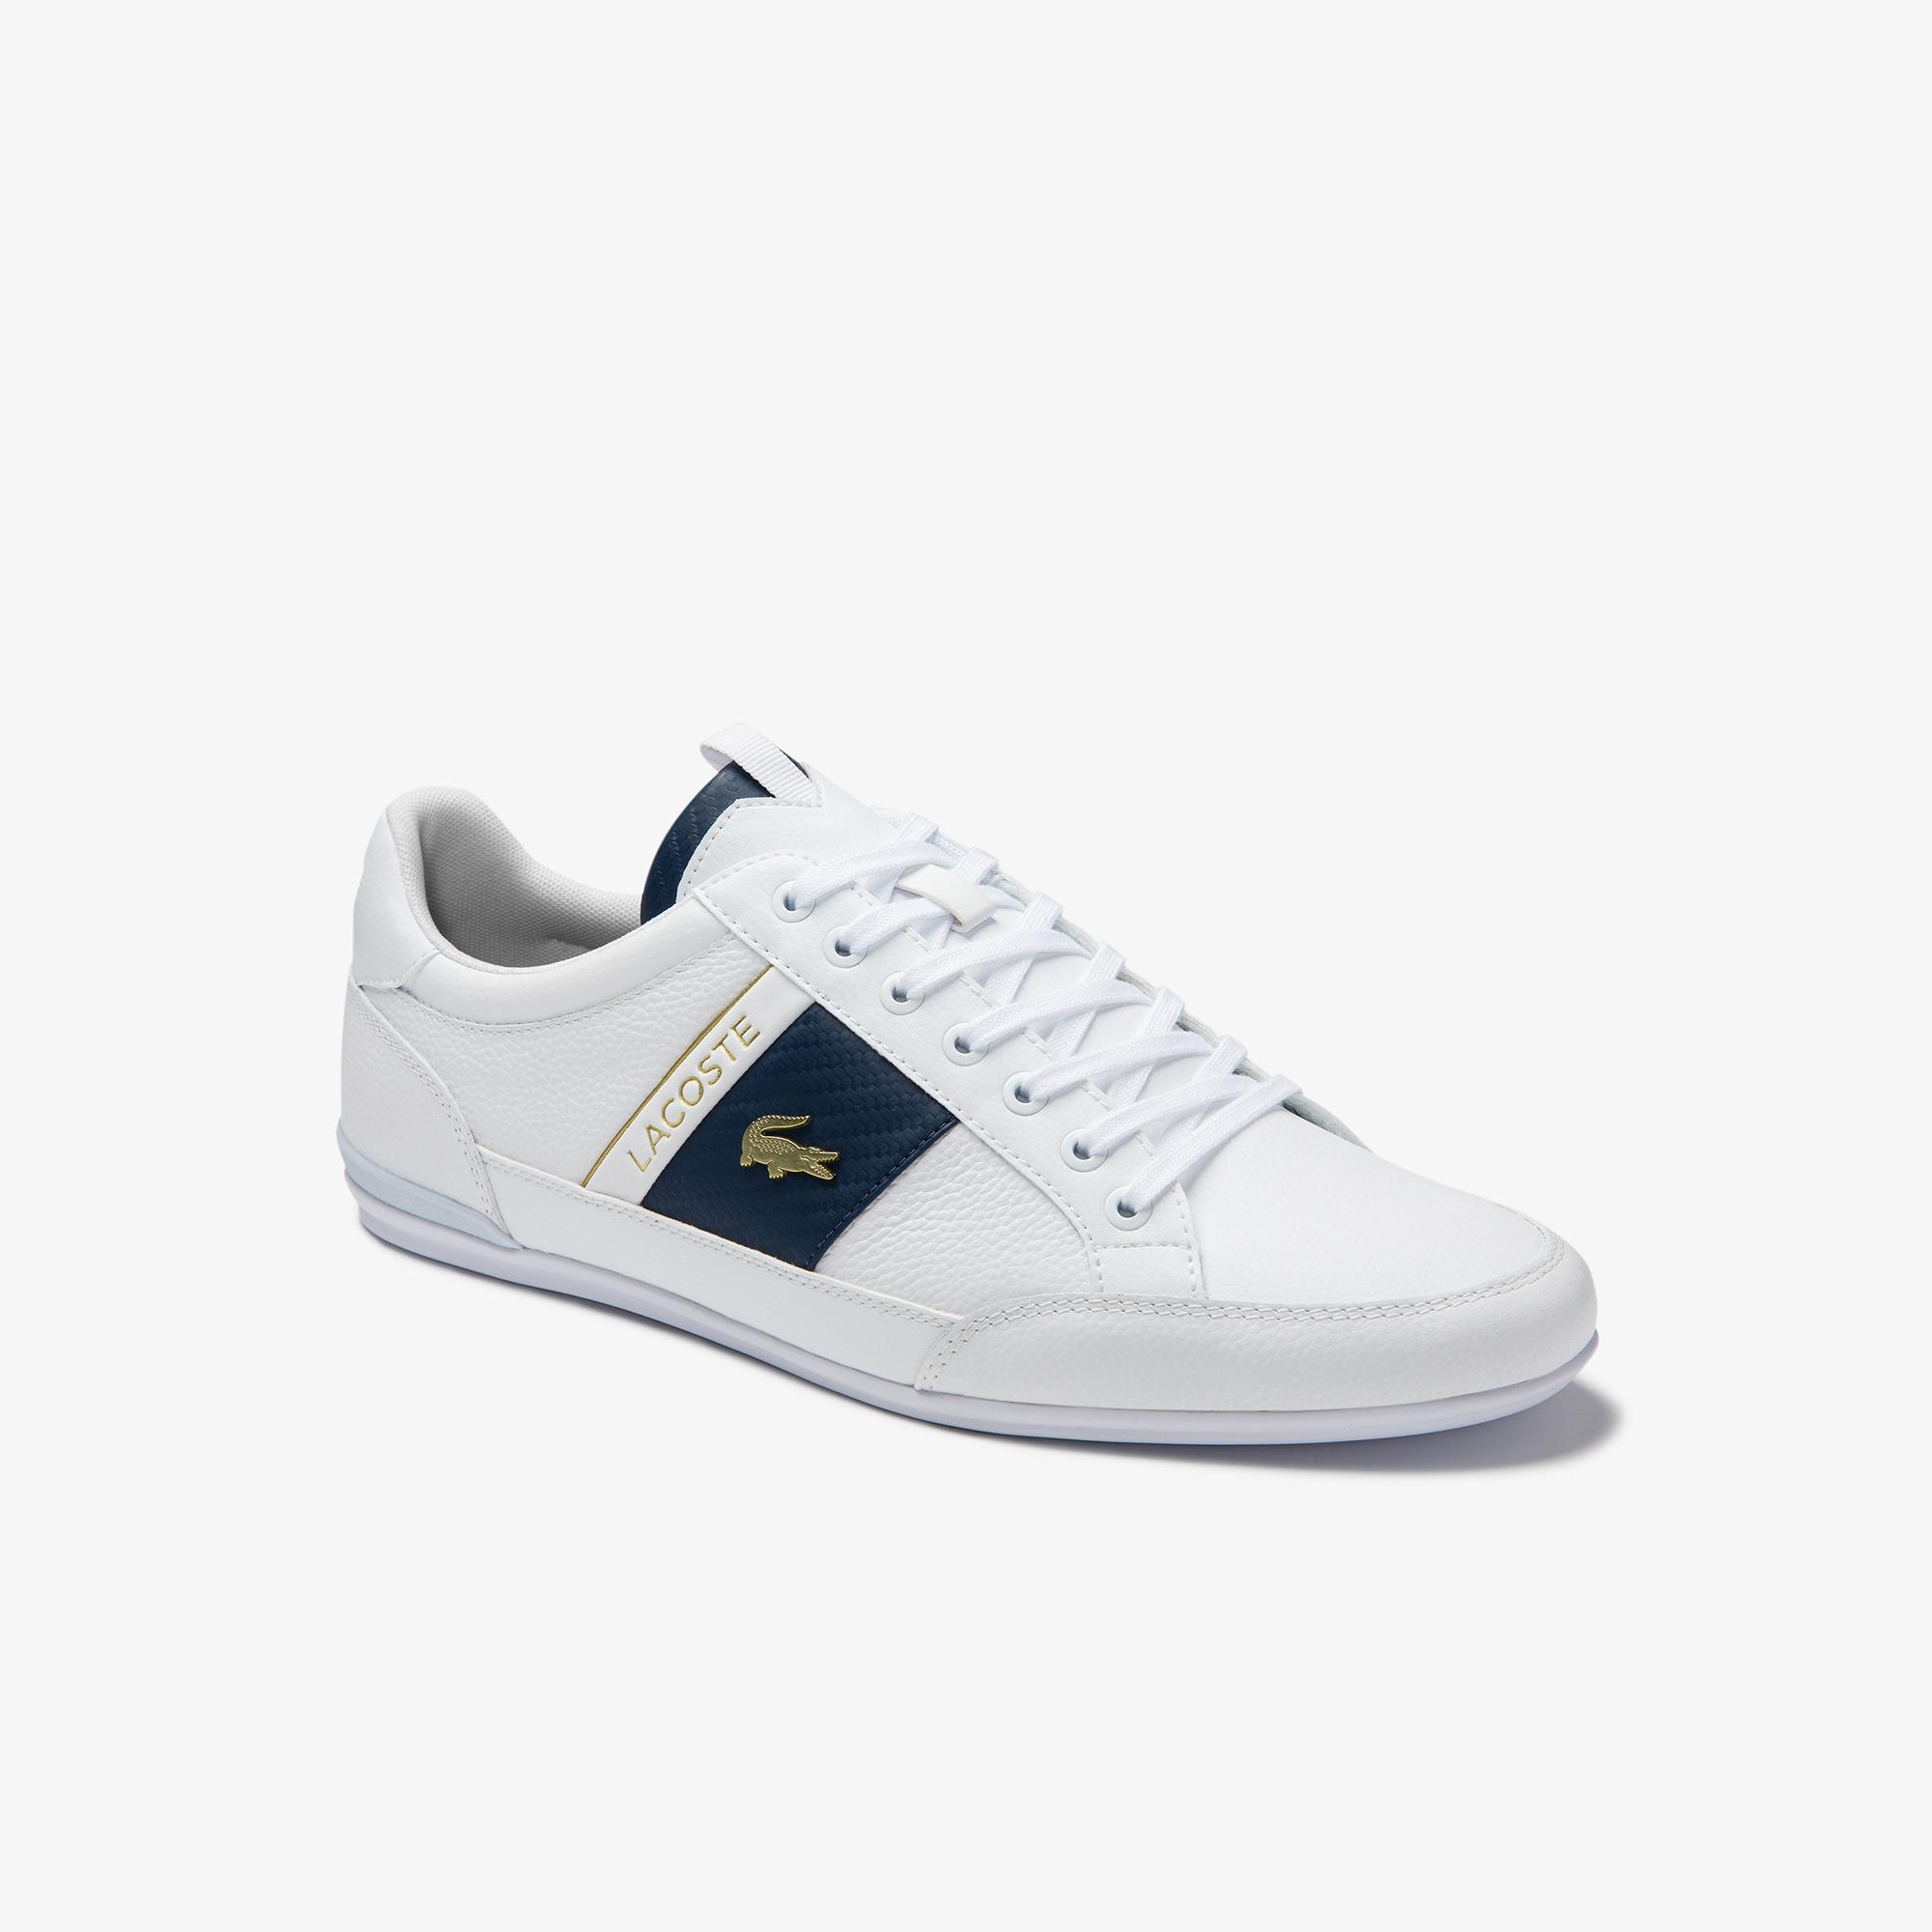 Lacoste Chaymon 0120 1 Cma Erkek Deri Beyaz Casual Ayakkabı